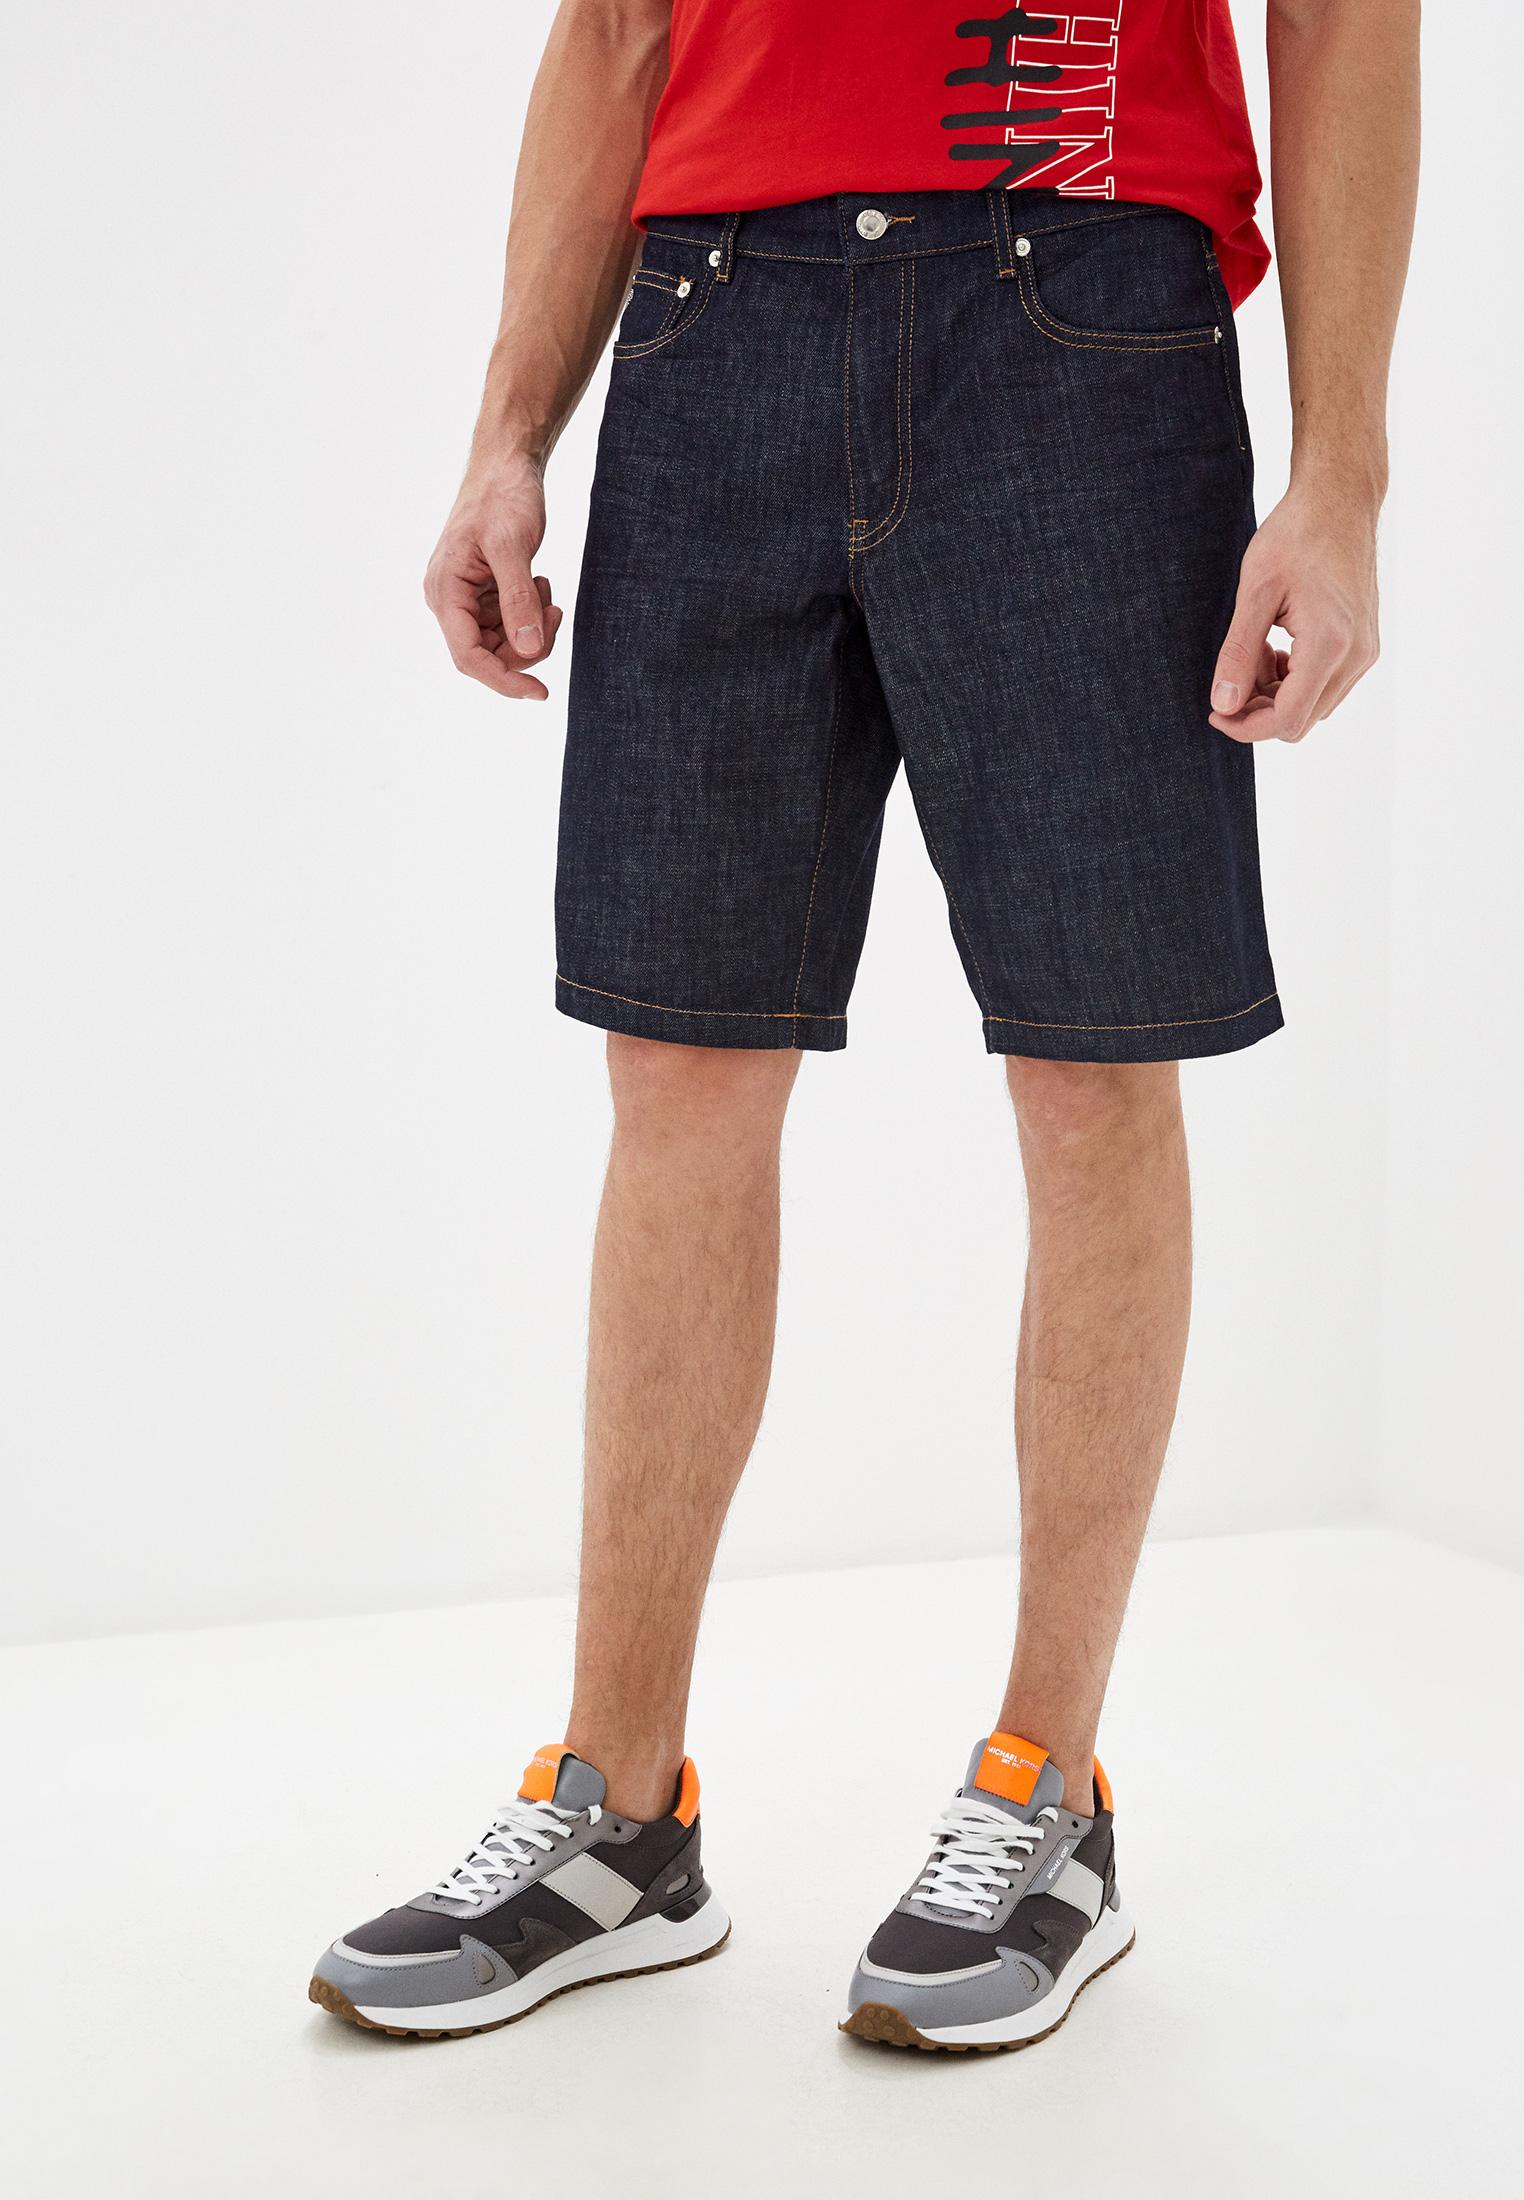 Мужские джинсовые шорты Love Moschino MO06585S3212120L